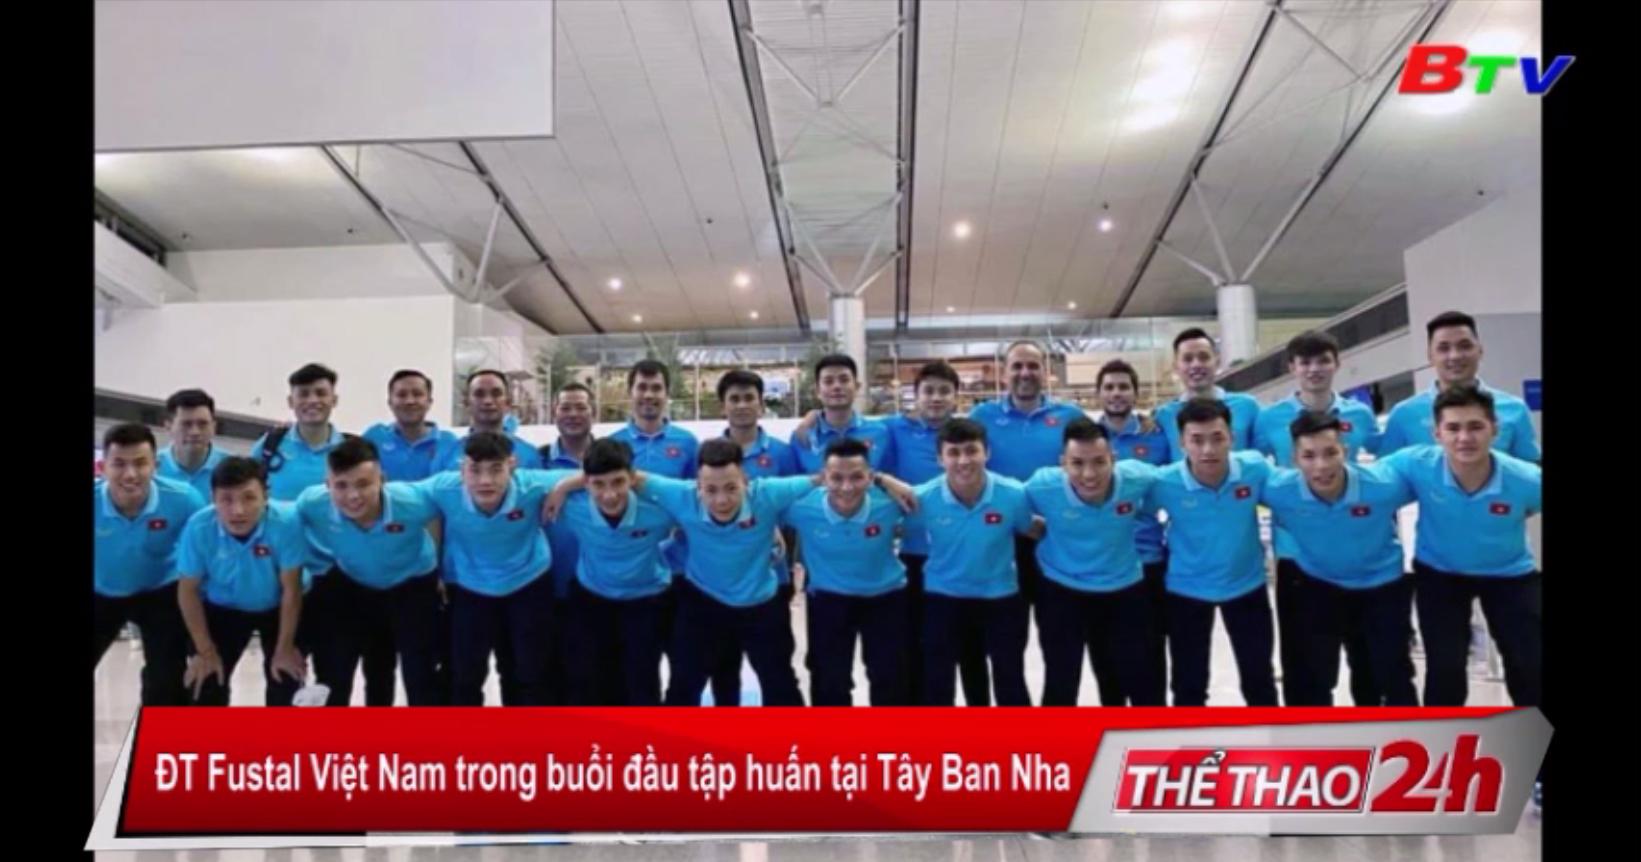 ĐT Futsal Việt Nam trong buổi đầu tập huấn tại Tây Ban Nha